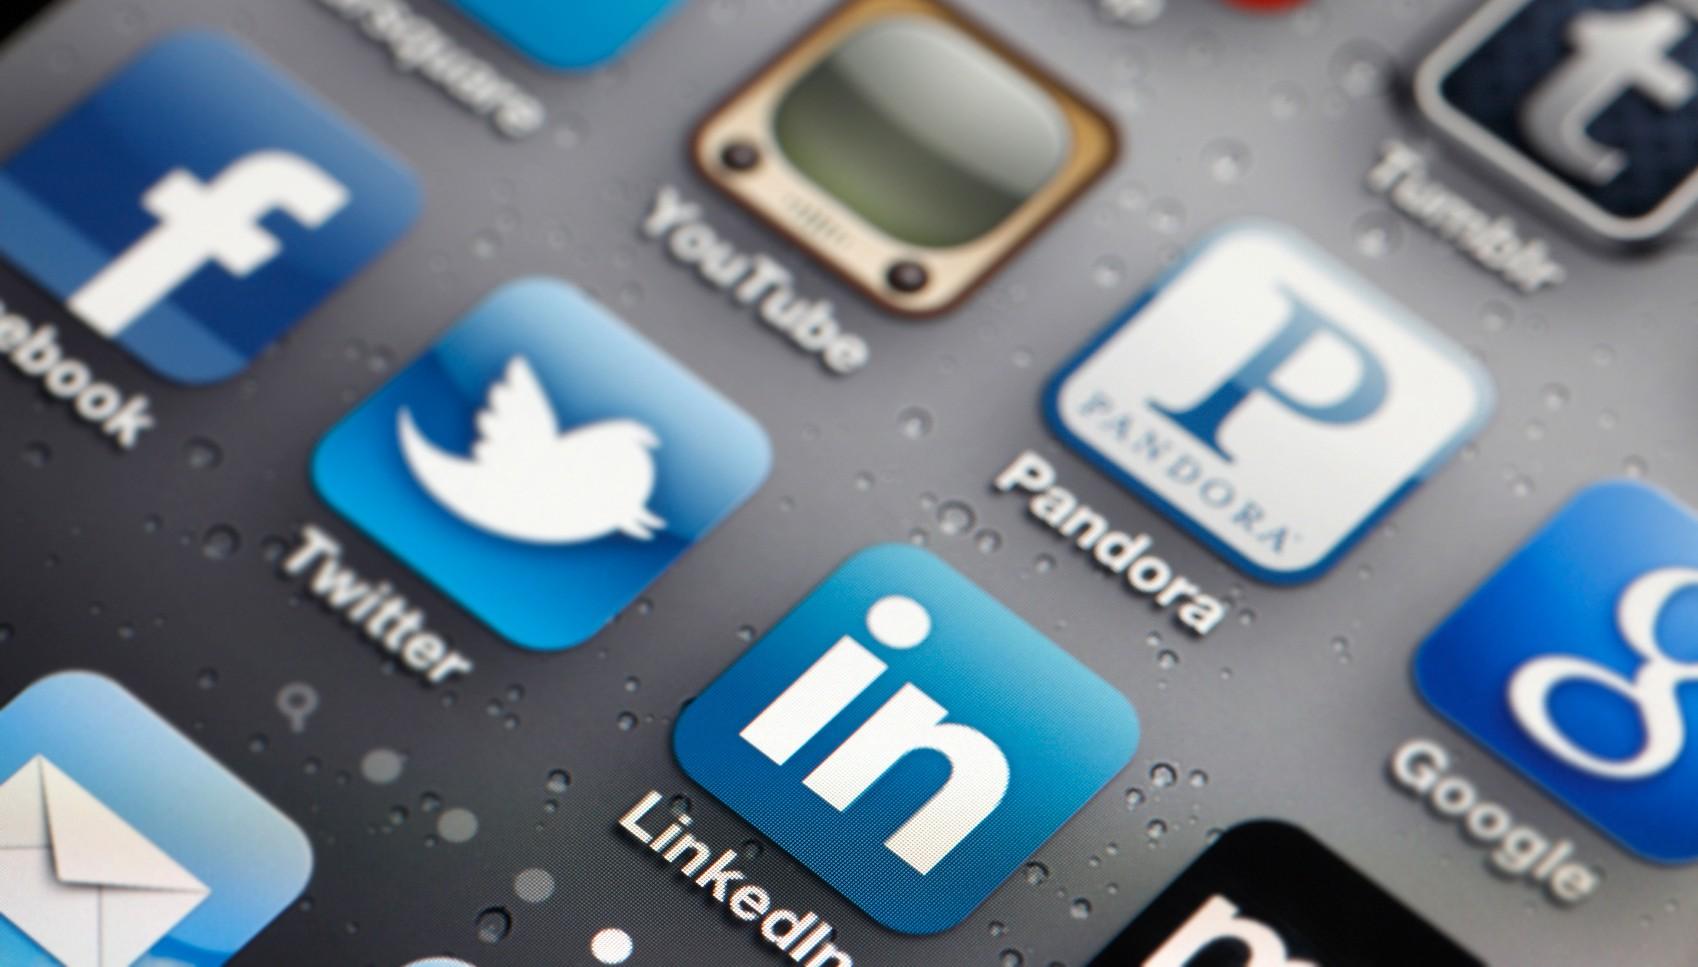 О специальной социальной сети для пользователей Apple